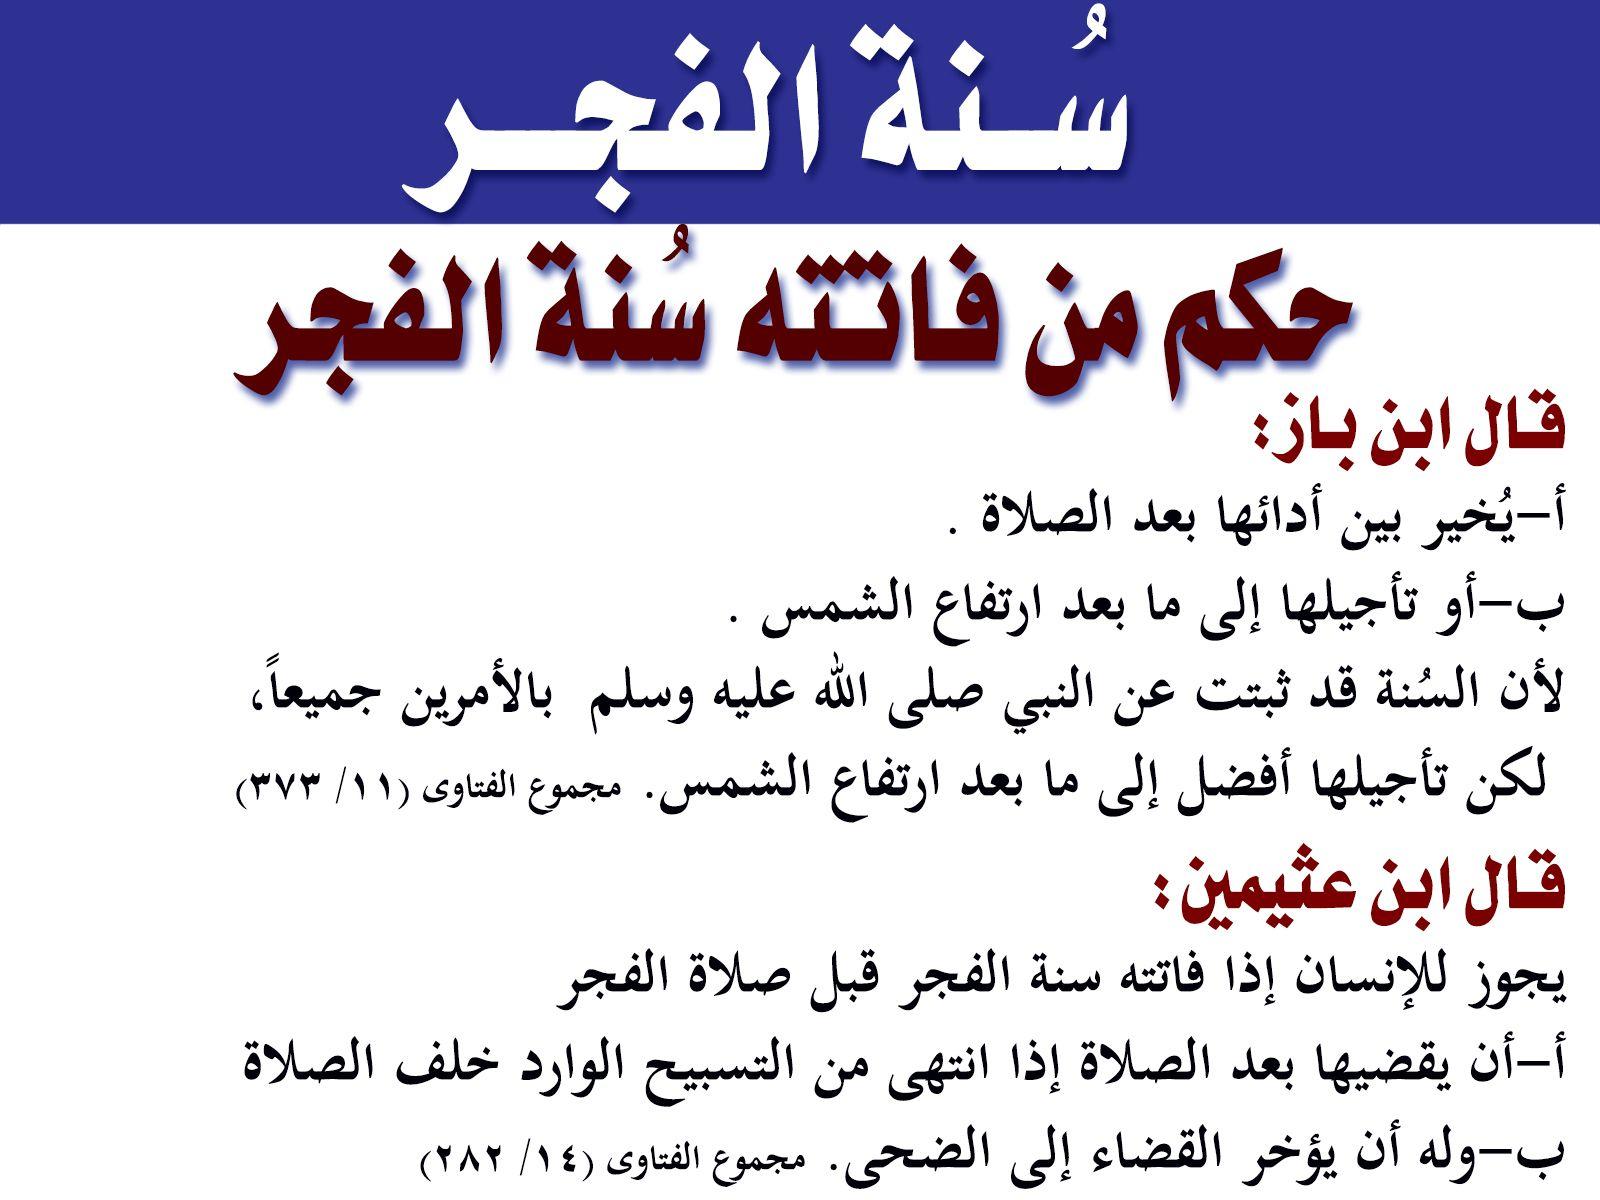 سنة الفجر وحكم من فاتته Arabic Calligraphy Calligraphy